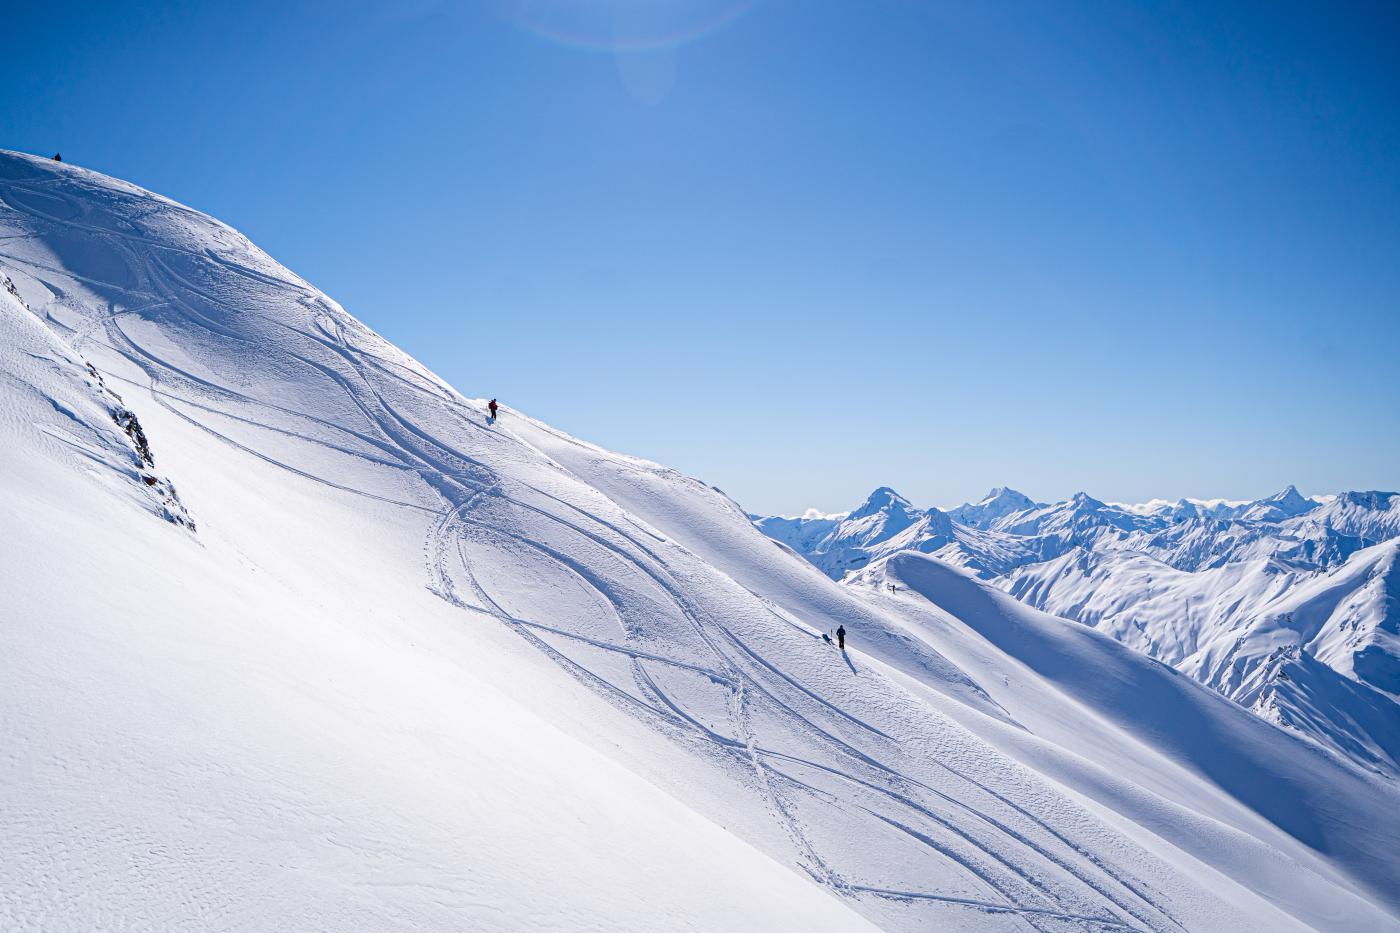 Heli skiing